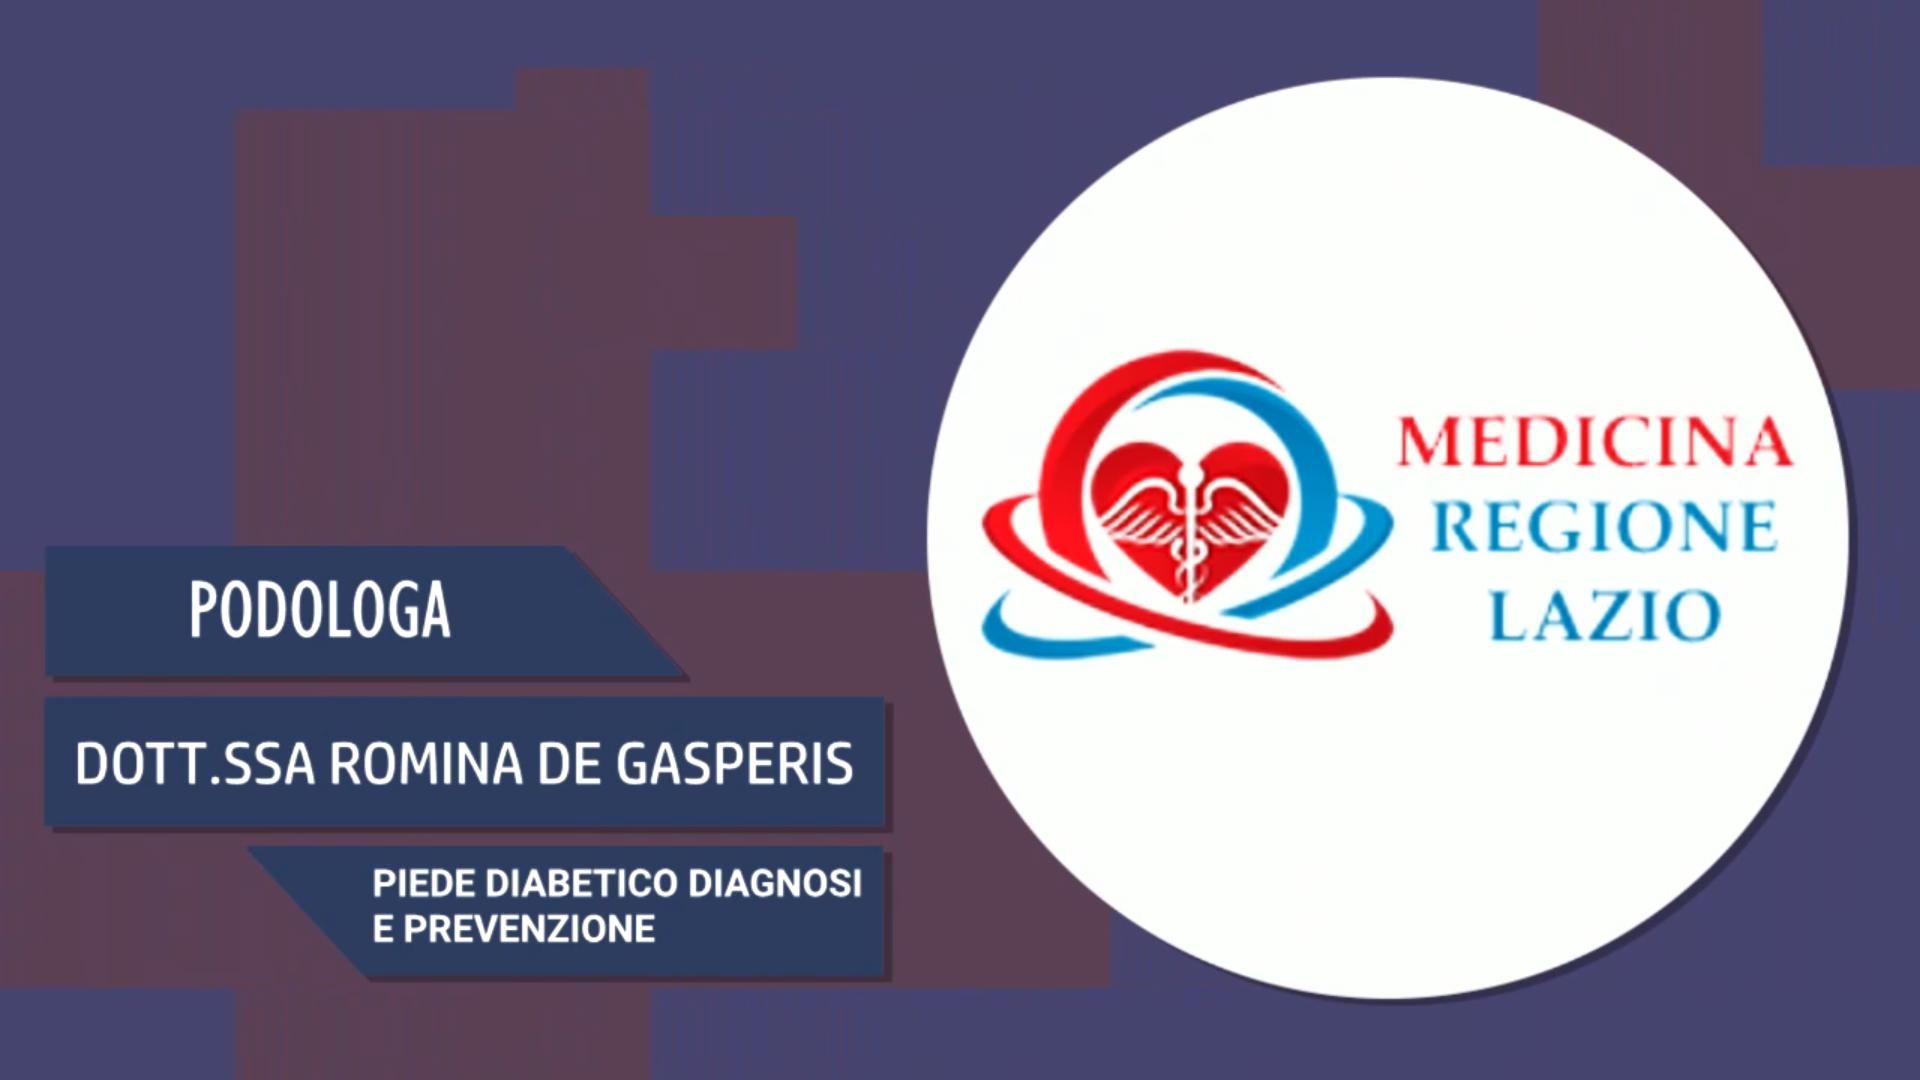 Intervista alla Dott.ssa Romina De Gasperis – Piede diabetico diagnosi e prevenzione